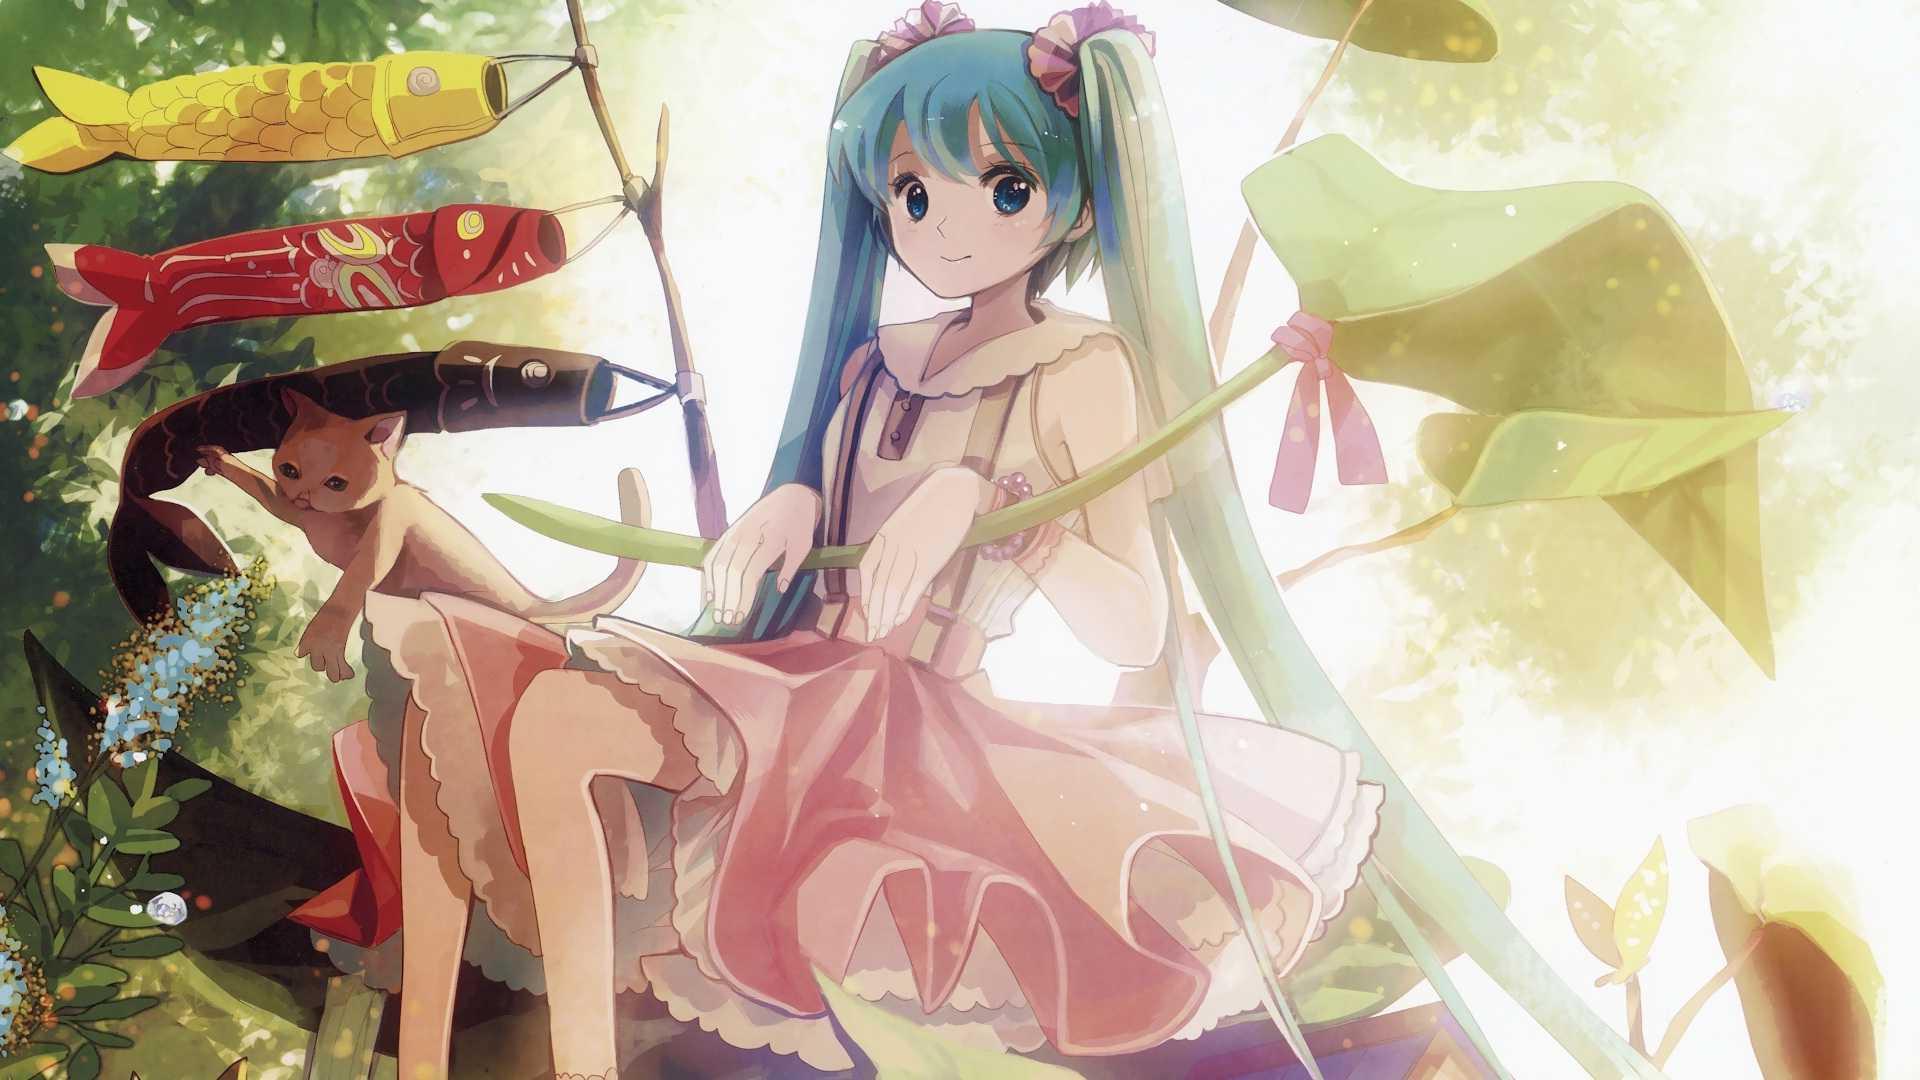 Hatsune Miku New Vocaloid Desktop Wallpaper One Wallpaper